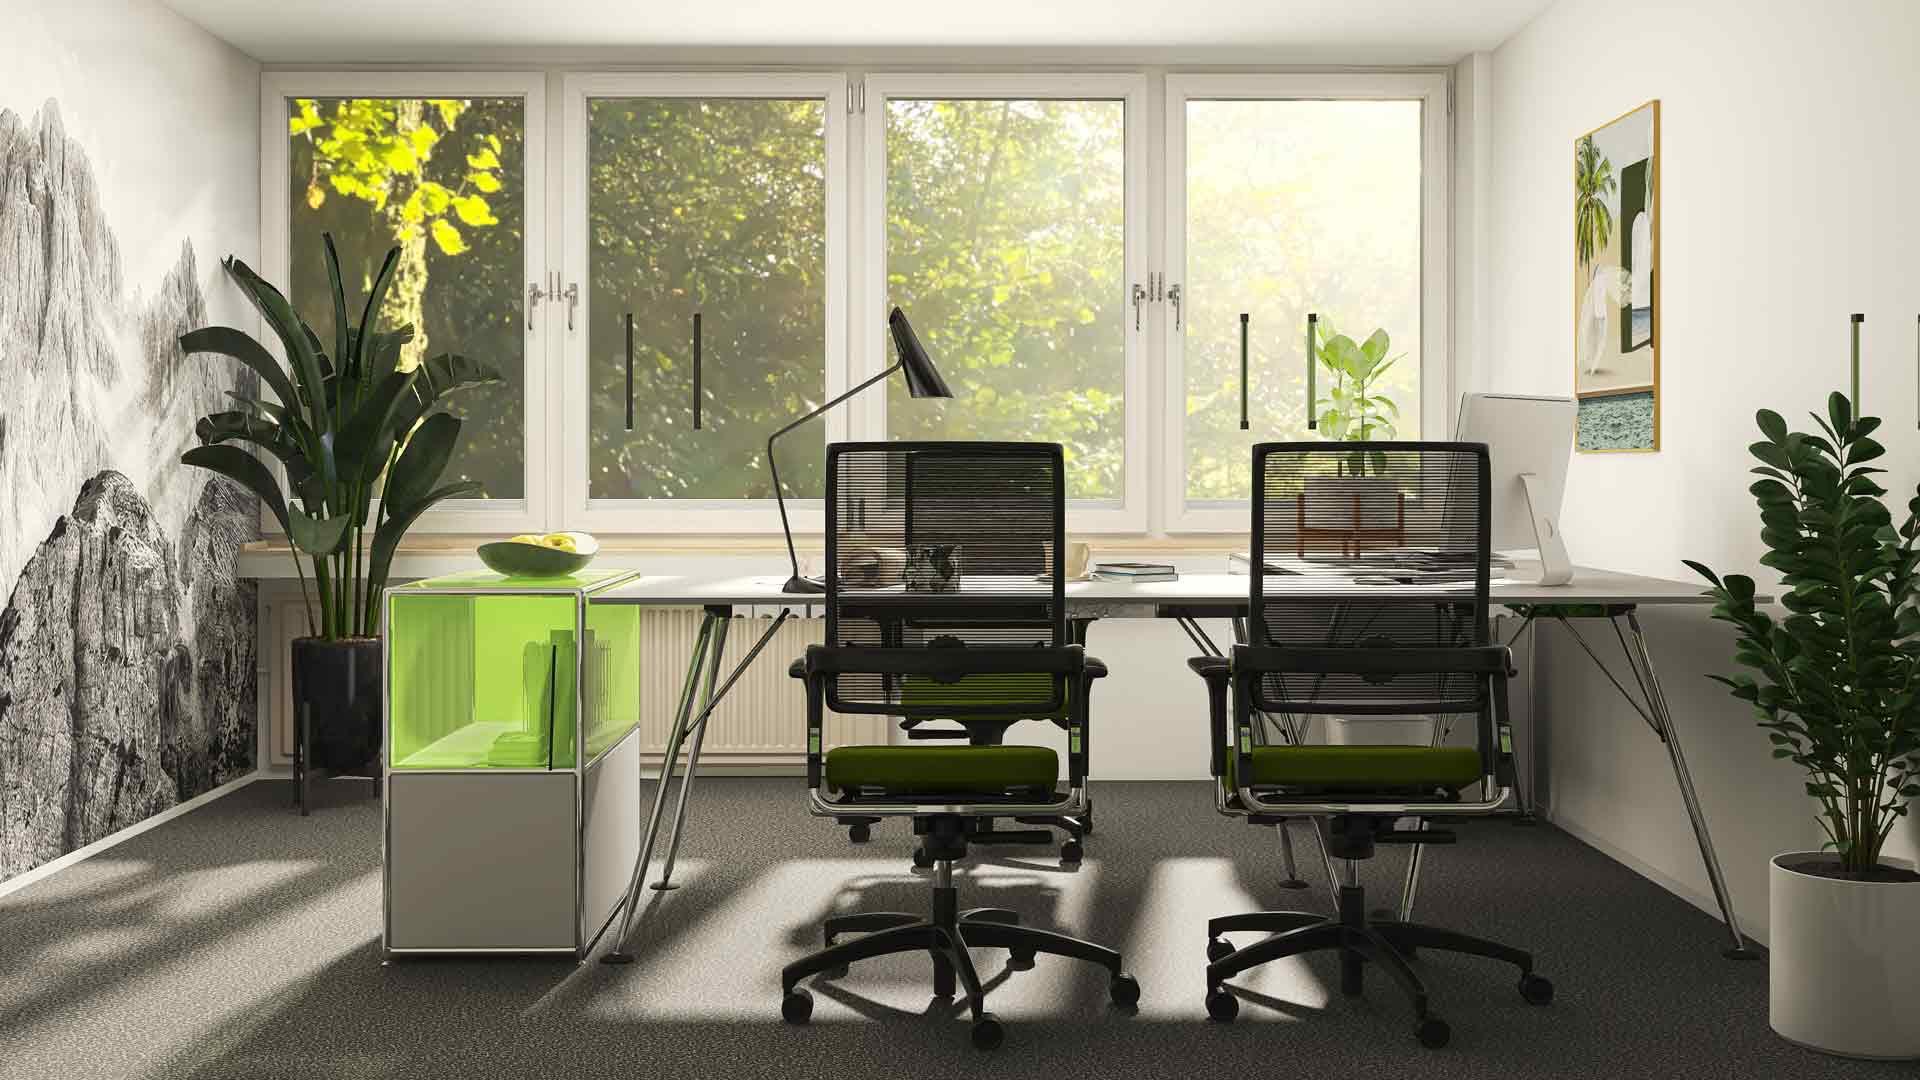 Büro_Einrichtung_hell_Glasfront_grün